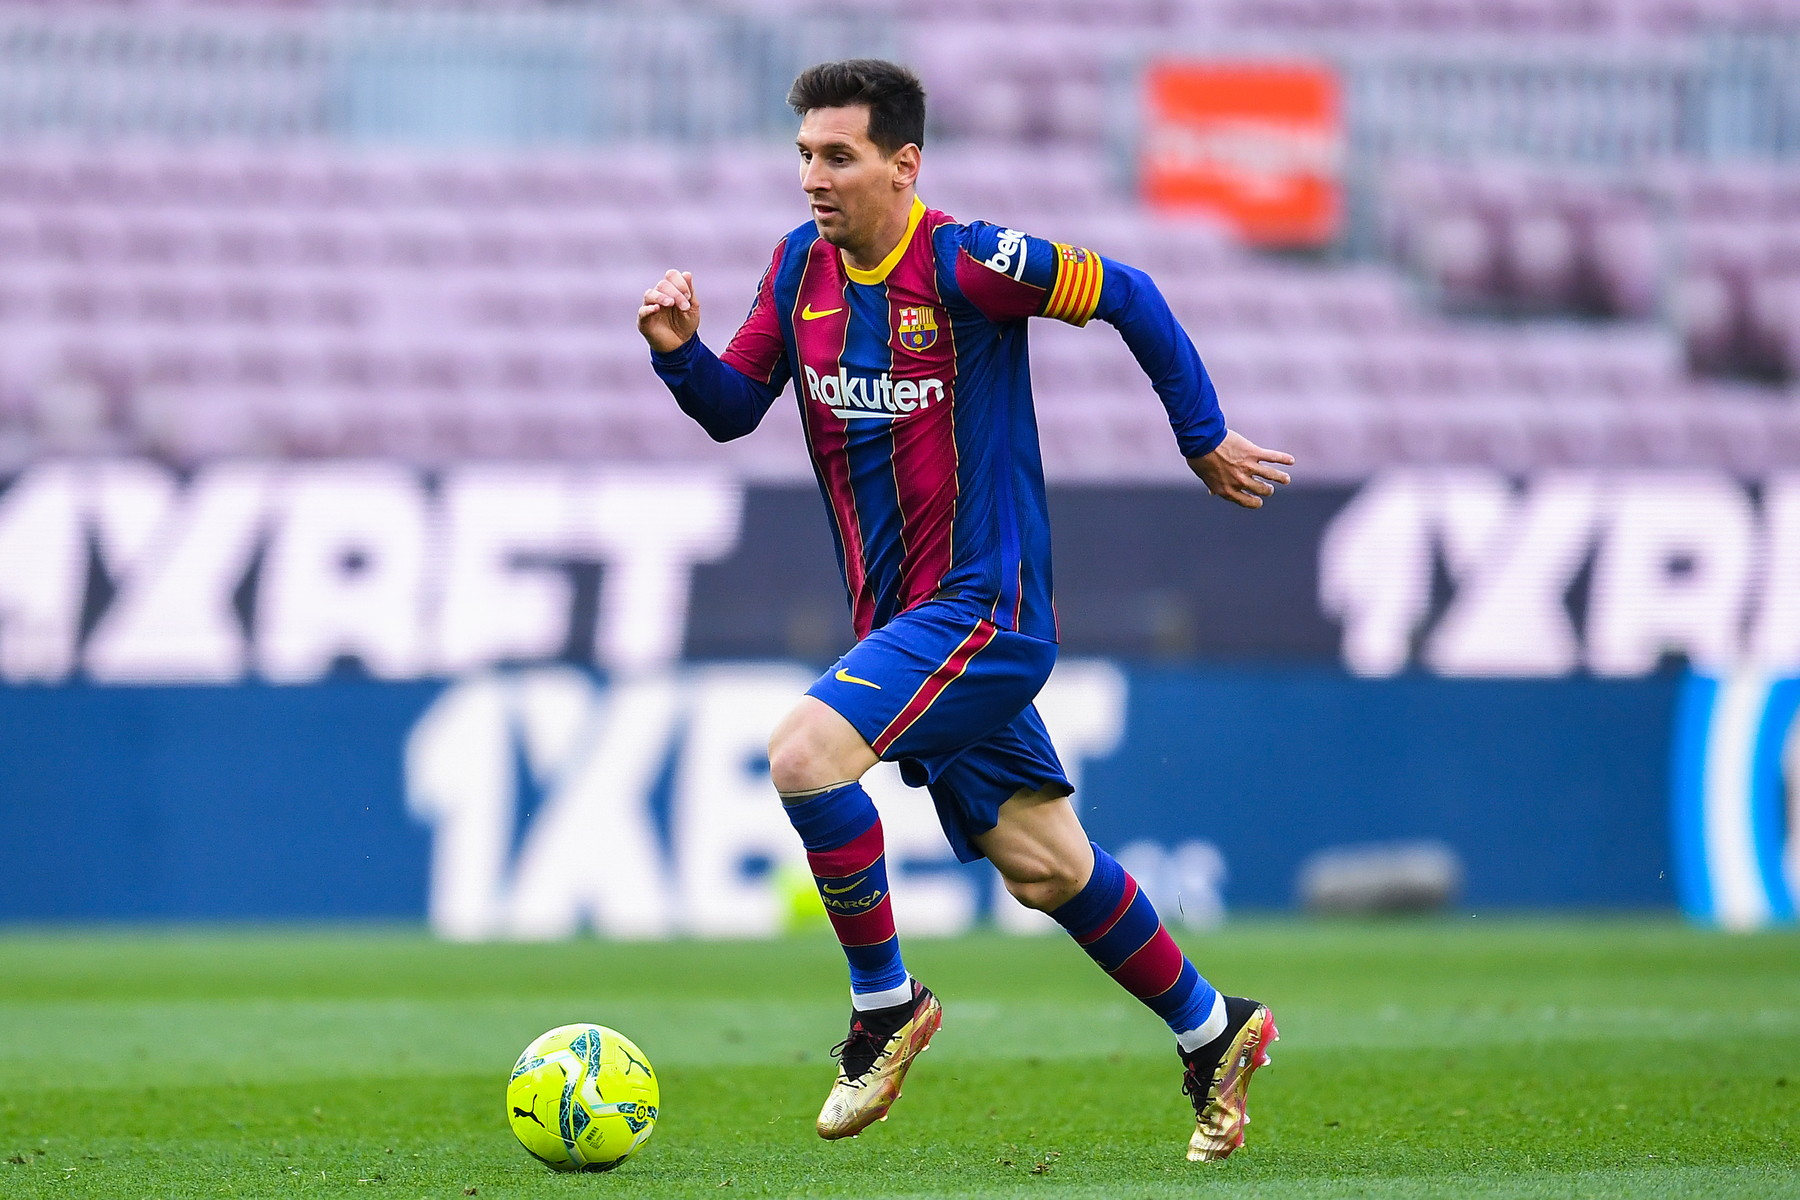 Lionel Messi (Barcellona - Argentina) - Quando si parla di Pallone d'Oro è candidato a prescindere, certo ha meno carte da giocare rispetto al passato